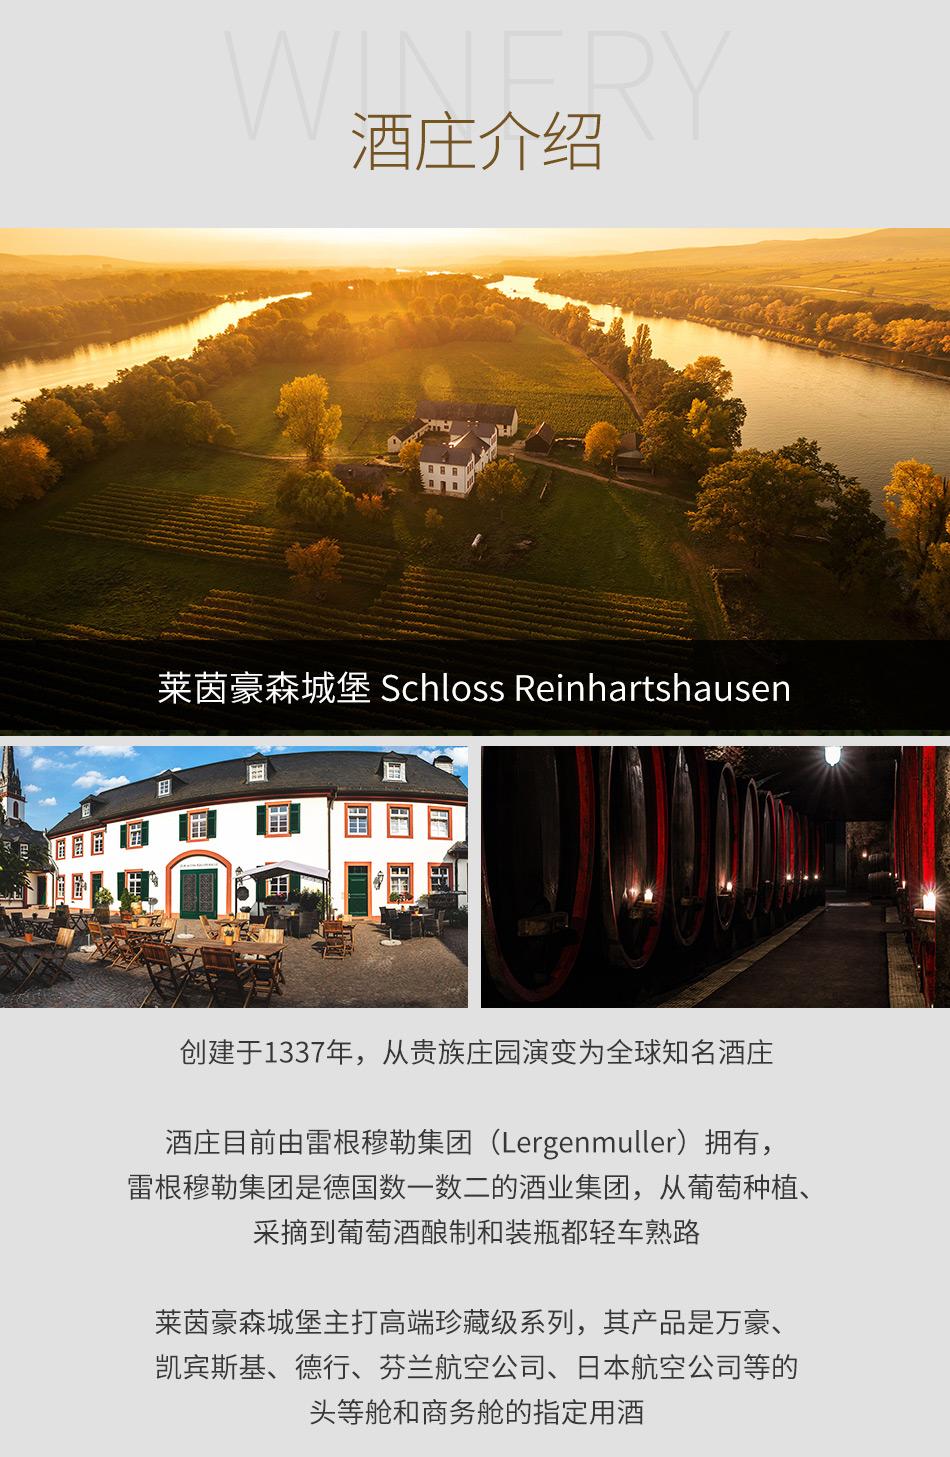 莱茵豪森城堡